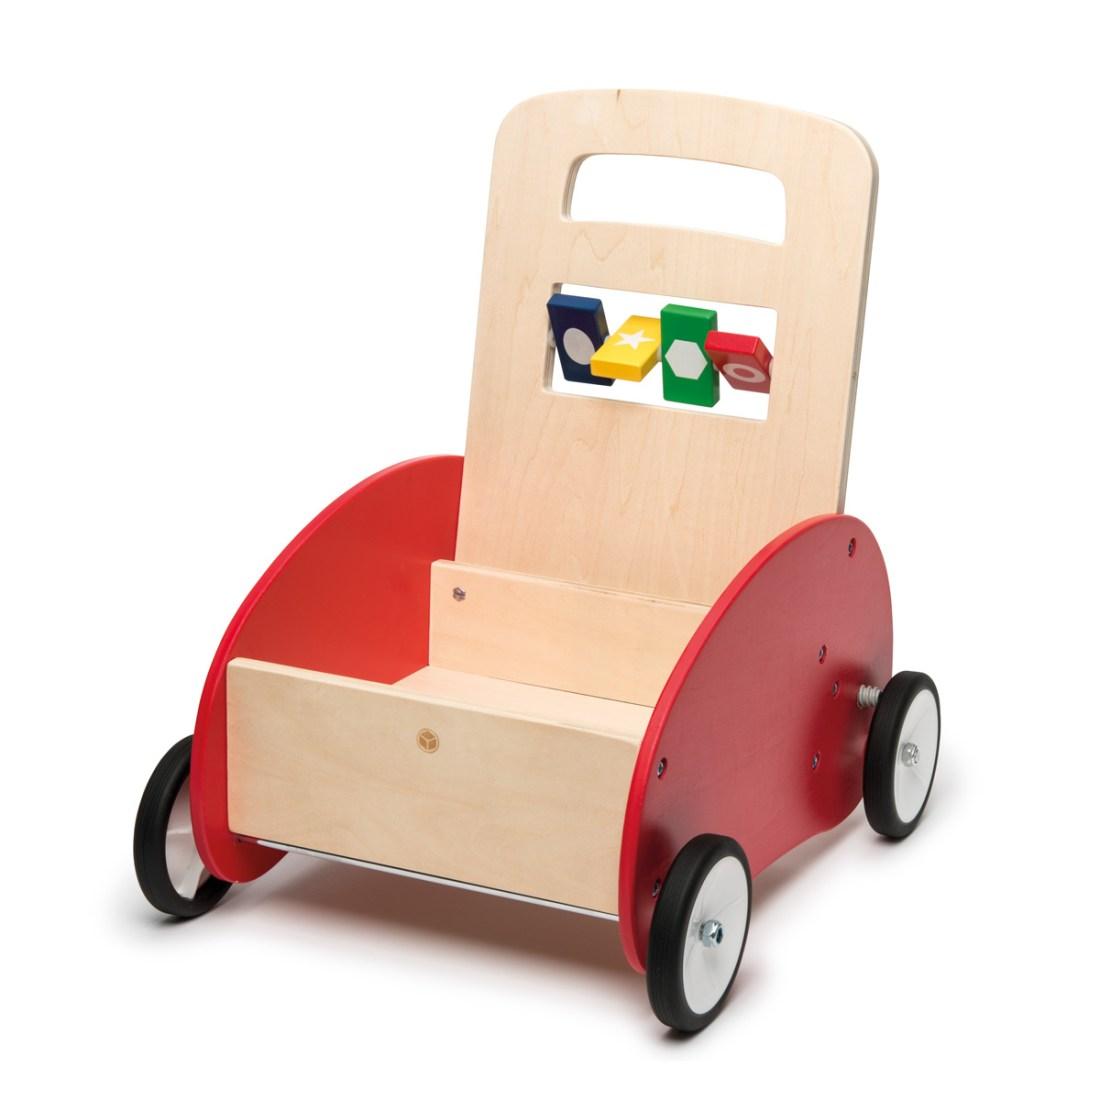 Le chariot pousseur Vit'anime